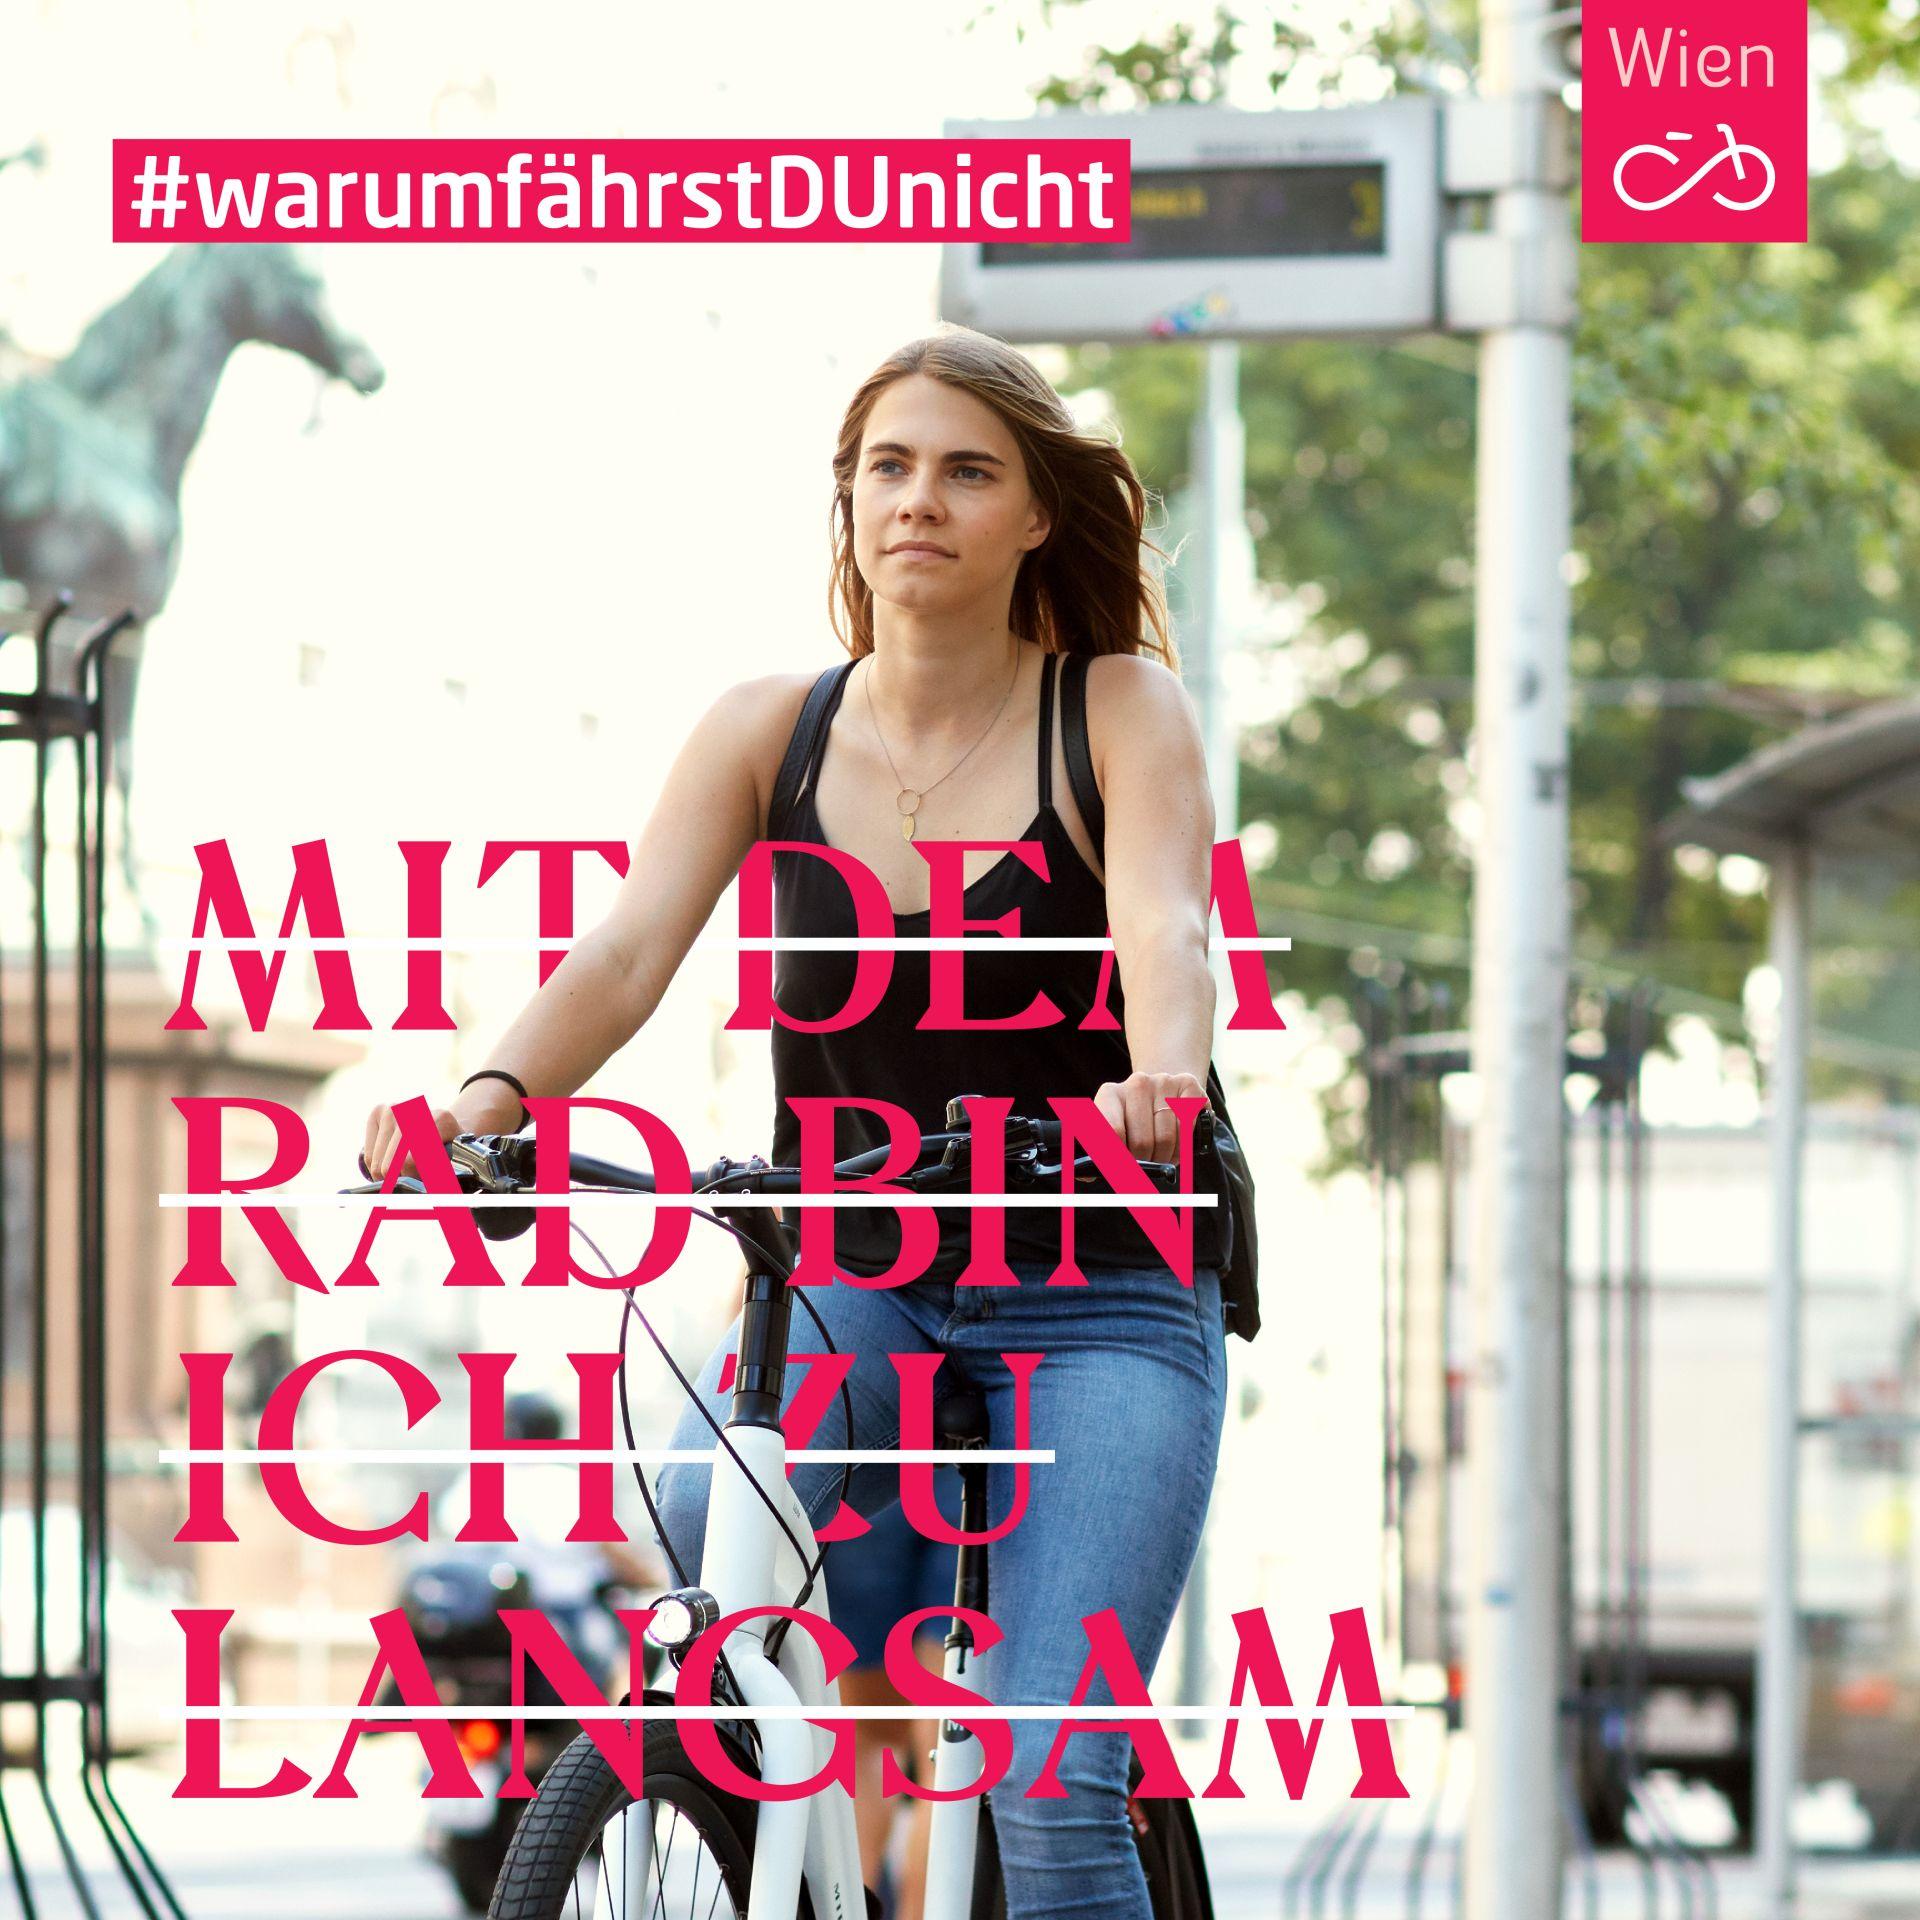 Kirstin hat in Wien ihre Liebe zum Radfahren entdeckt - und, dass man mit dem Fahrrad in der Stadt meistens am schnellsten ans Ziel kommt.